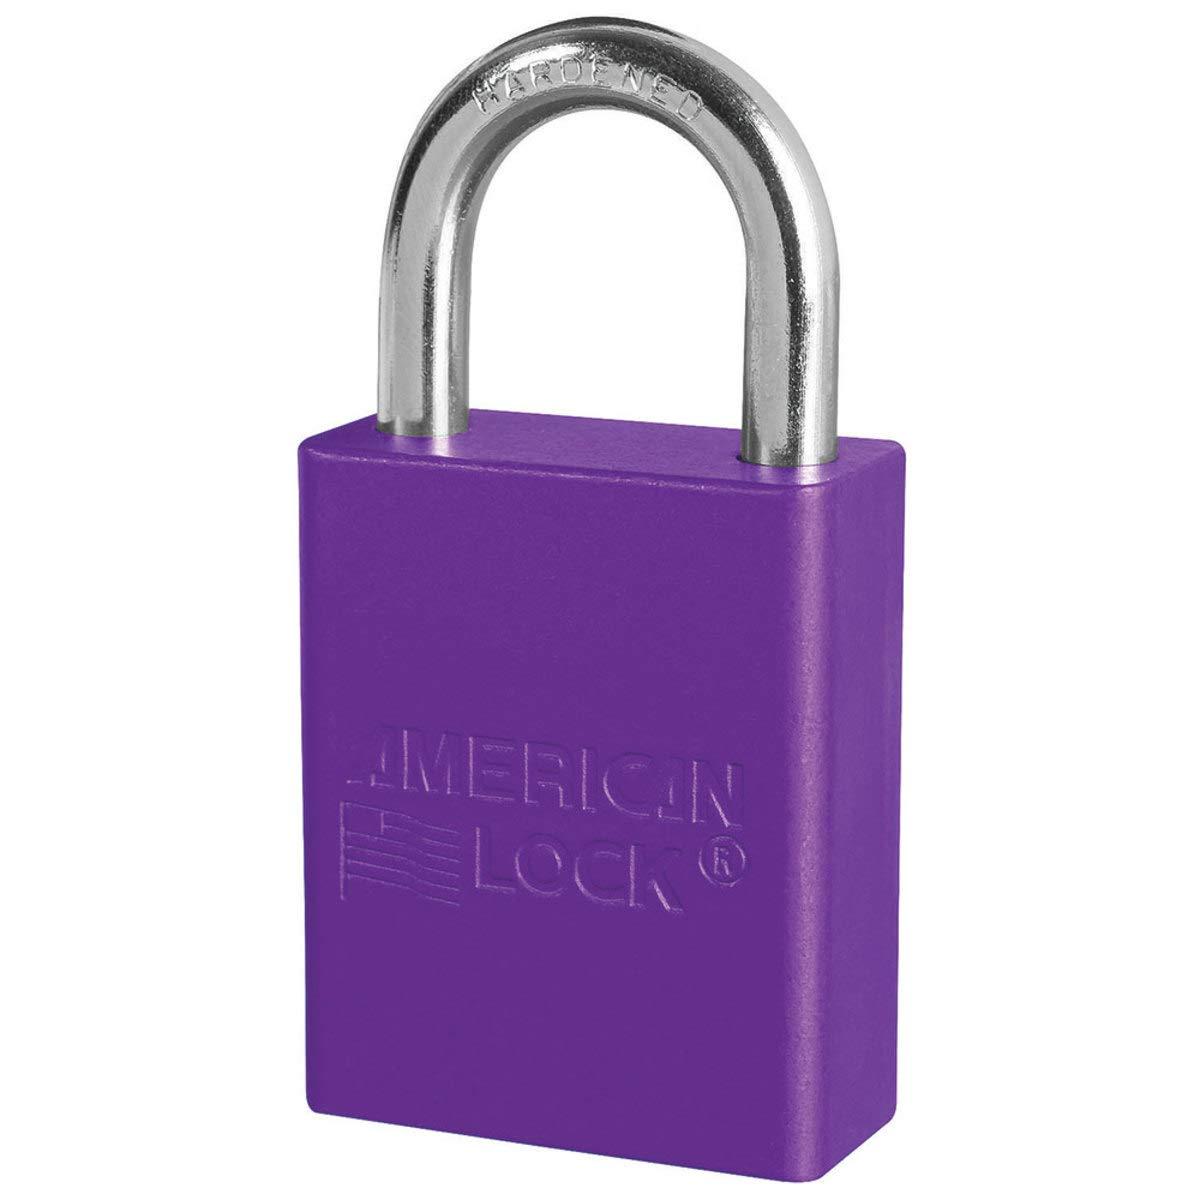 American Lock Purple Anodized Aluminum Lifeguard 6 Pin Tumbler Padlock Boron Alloy Shackle